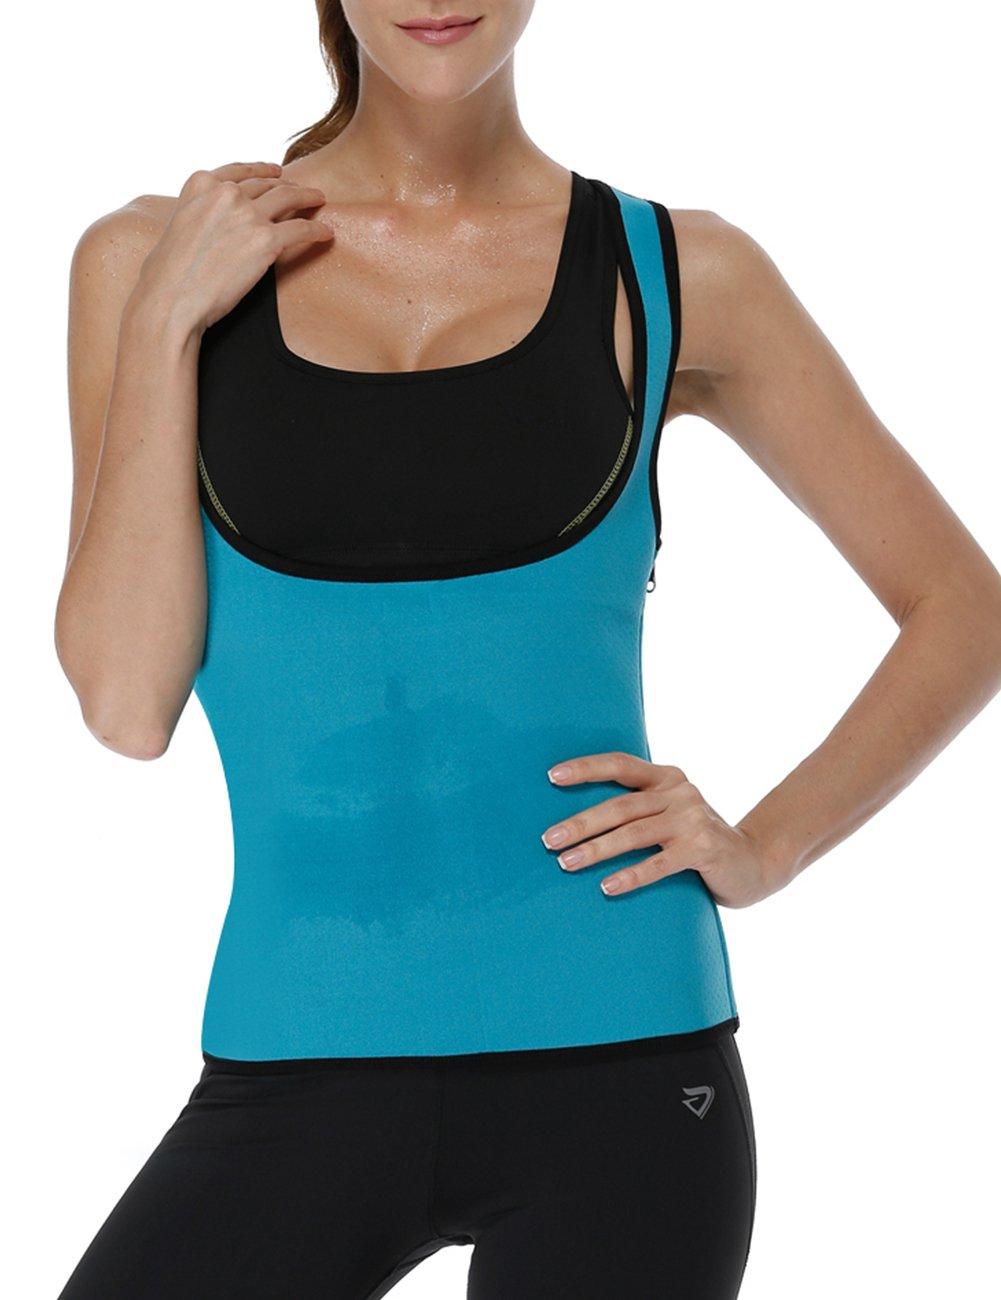 LaLaAreal Faja Reductora Adelgazante Abdominal Mujer Camiseta Sauna Chaleco Neopreno Comprecion para Fitness Postparto: Amazon.es: Deportes y aire libre